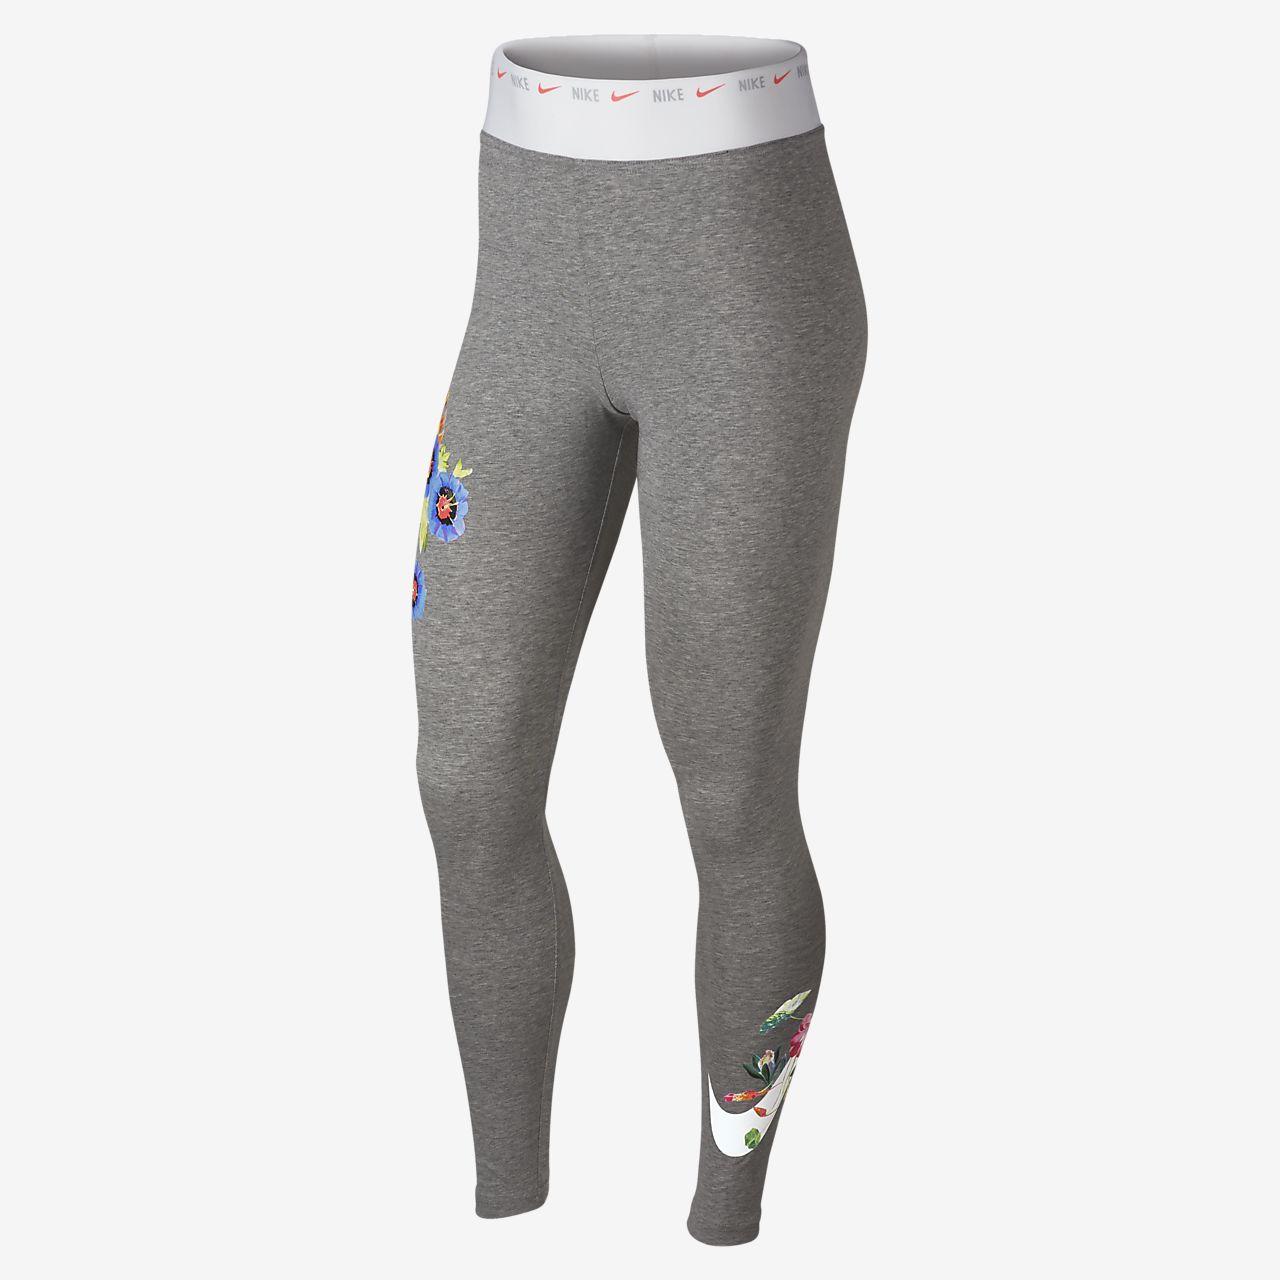 Nike Sportswear - leggings med grafik til kvinder